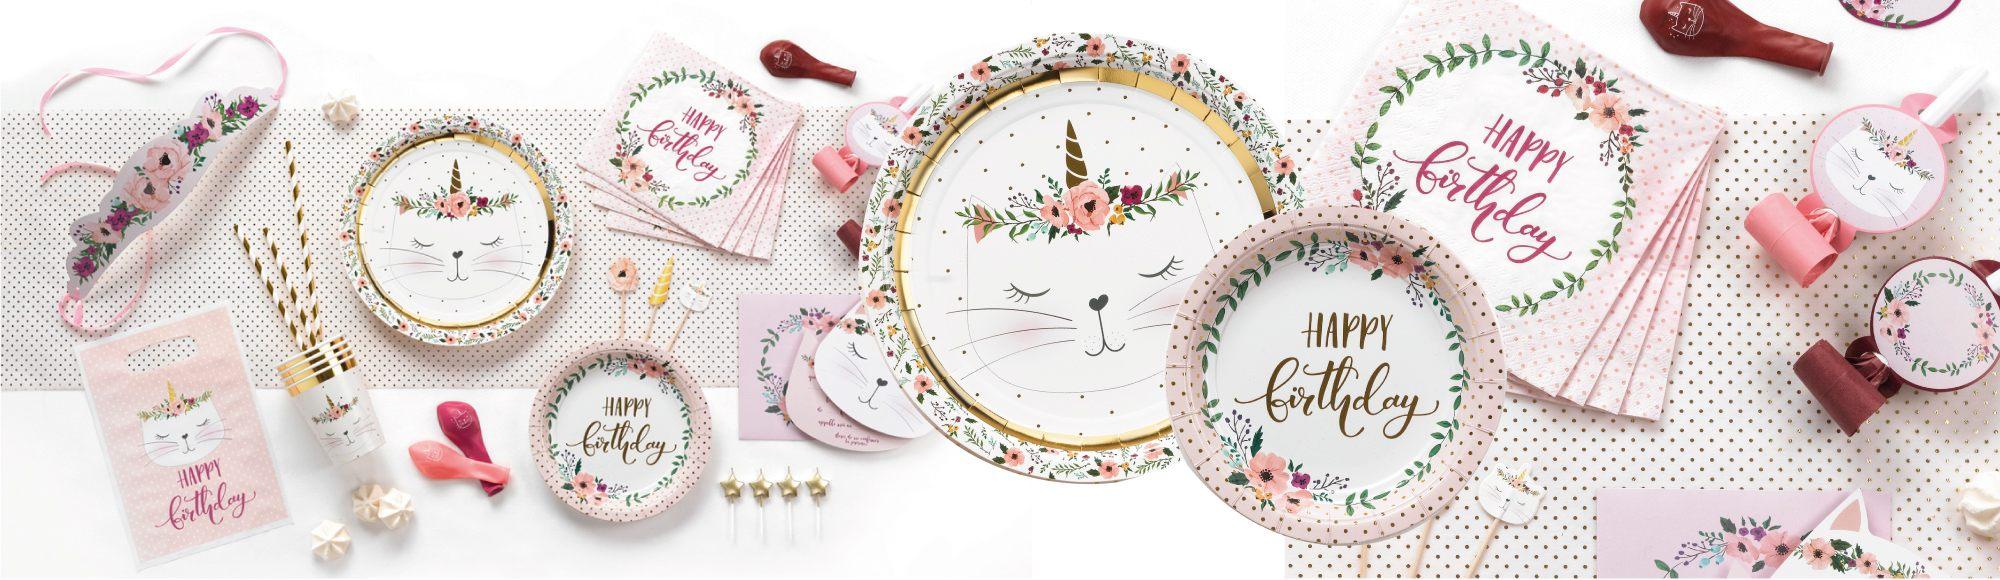 U10 - fournisseur en decoration - rire et confetti - gouter d'anniversaire - jetable - theme chat boho